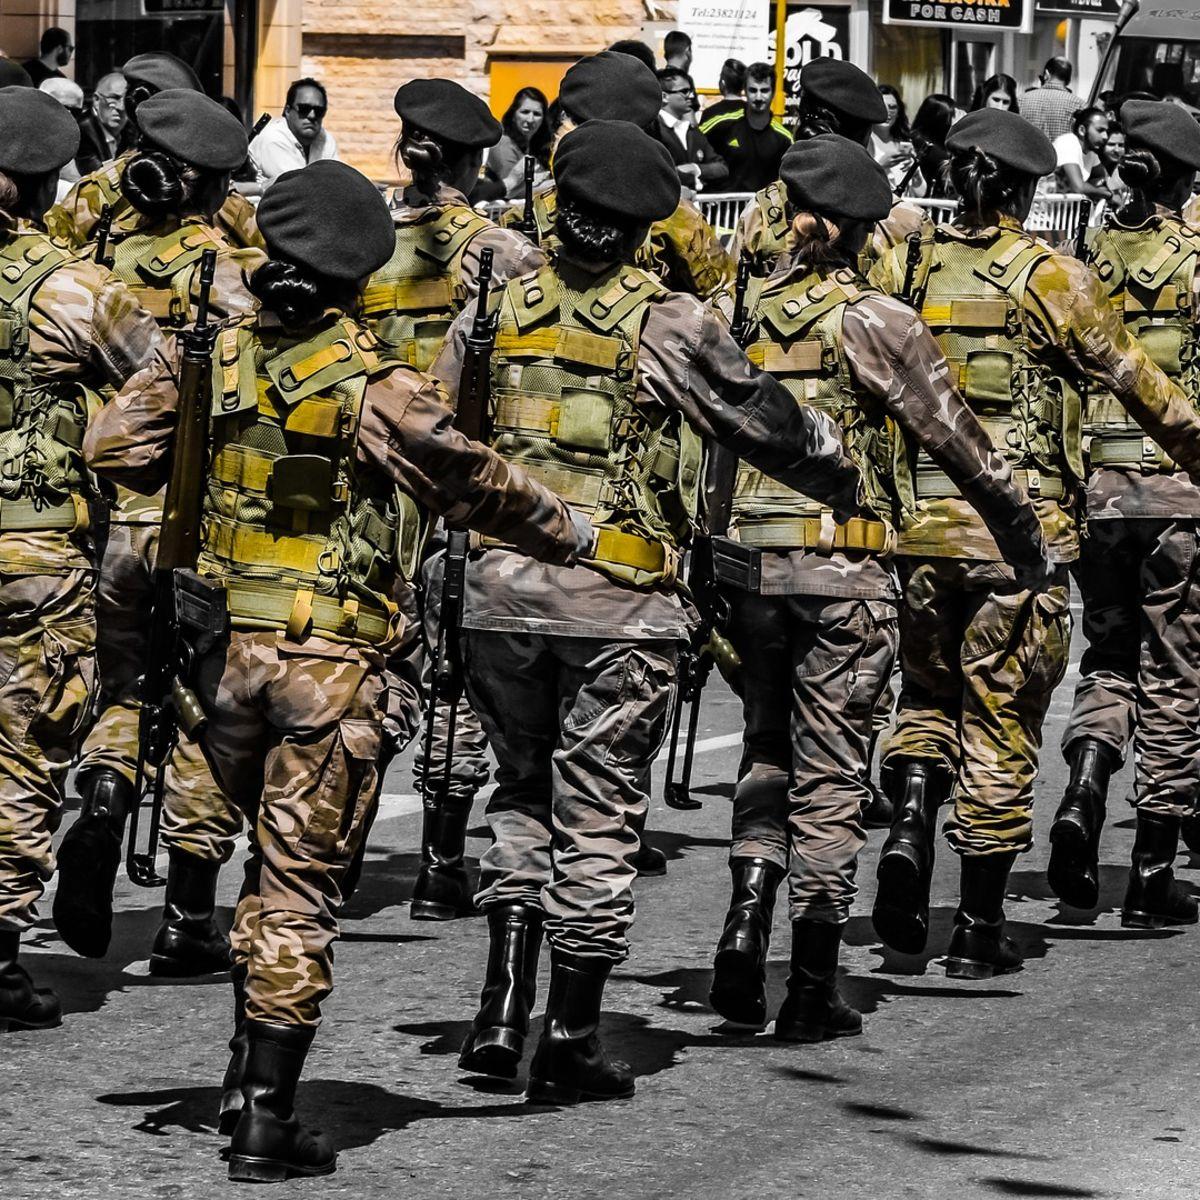 Frauen mit Gewehren in Uniform